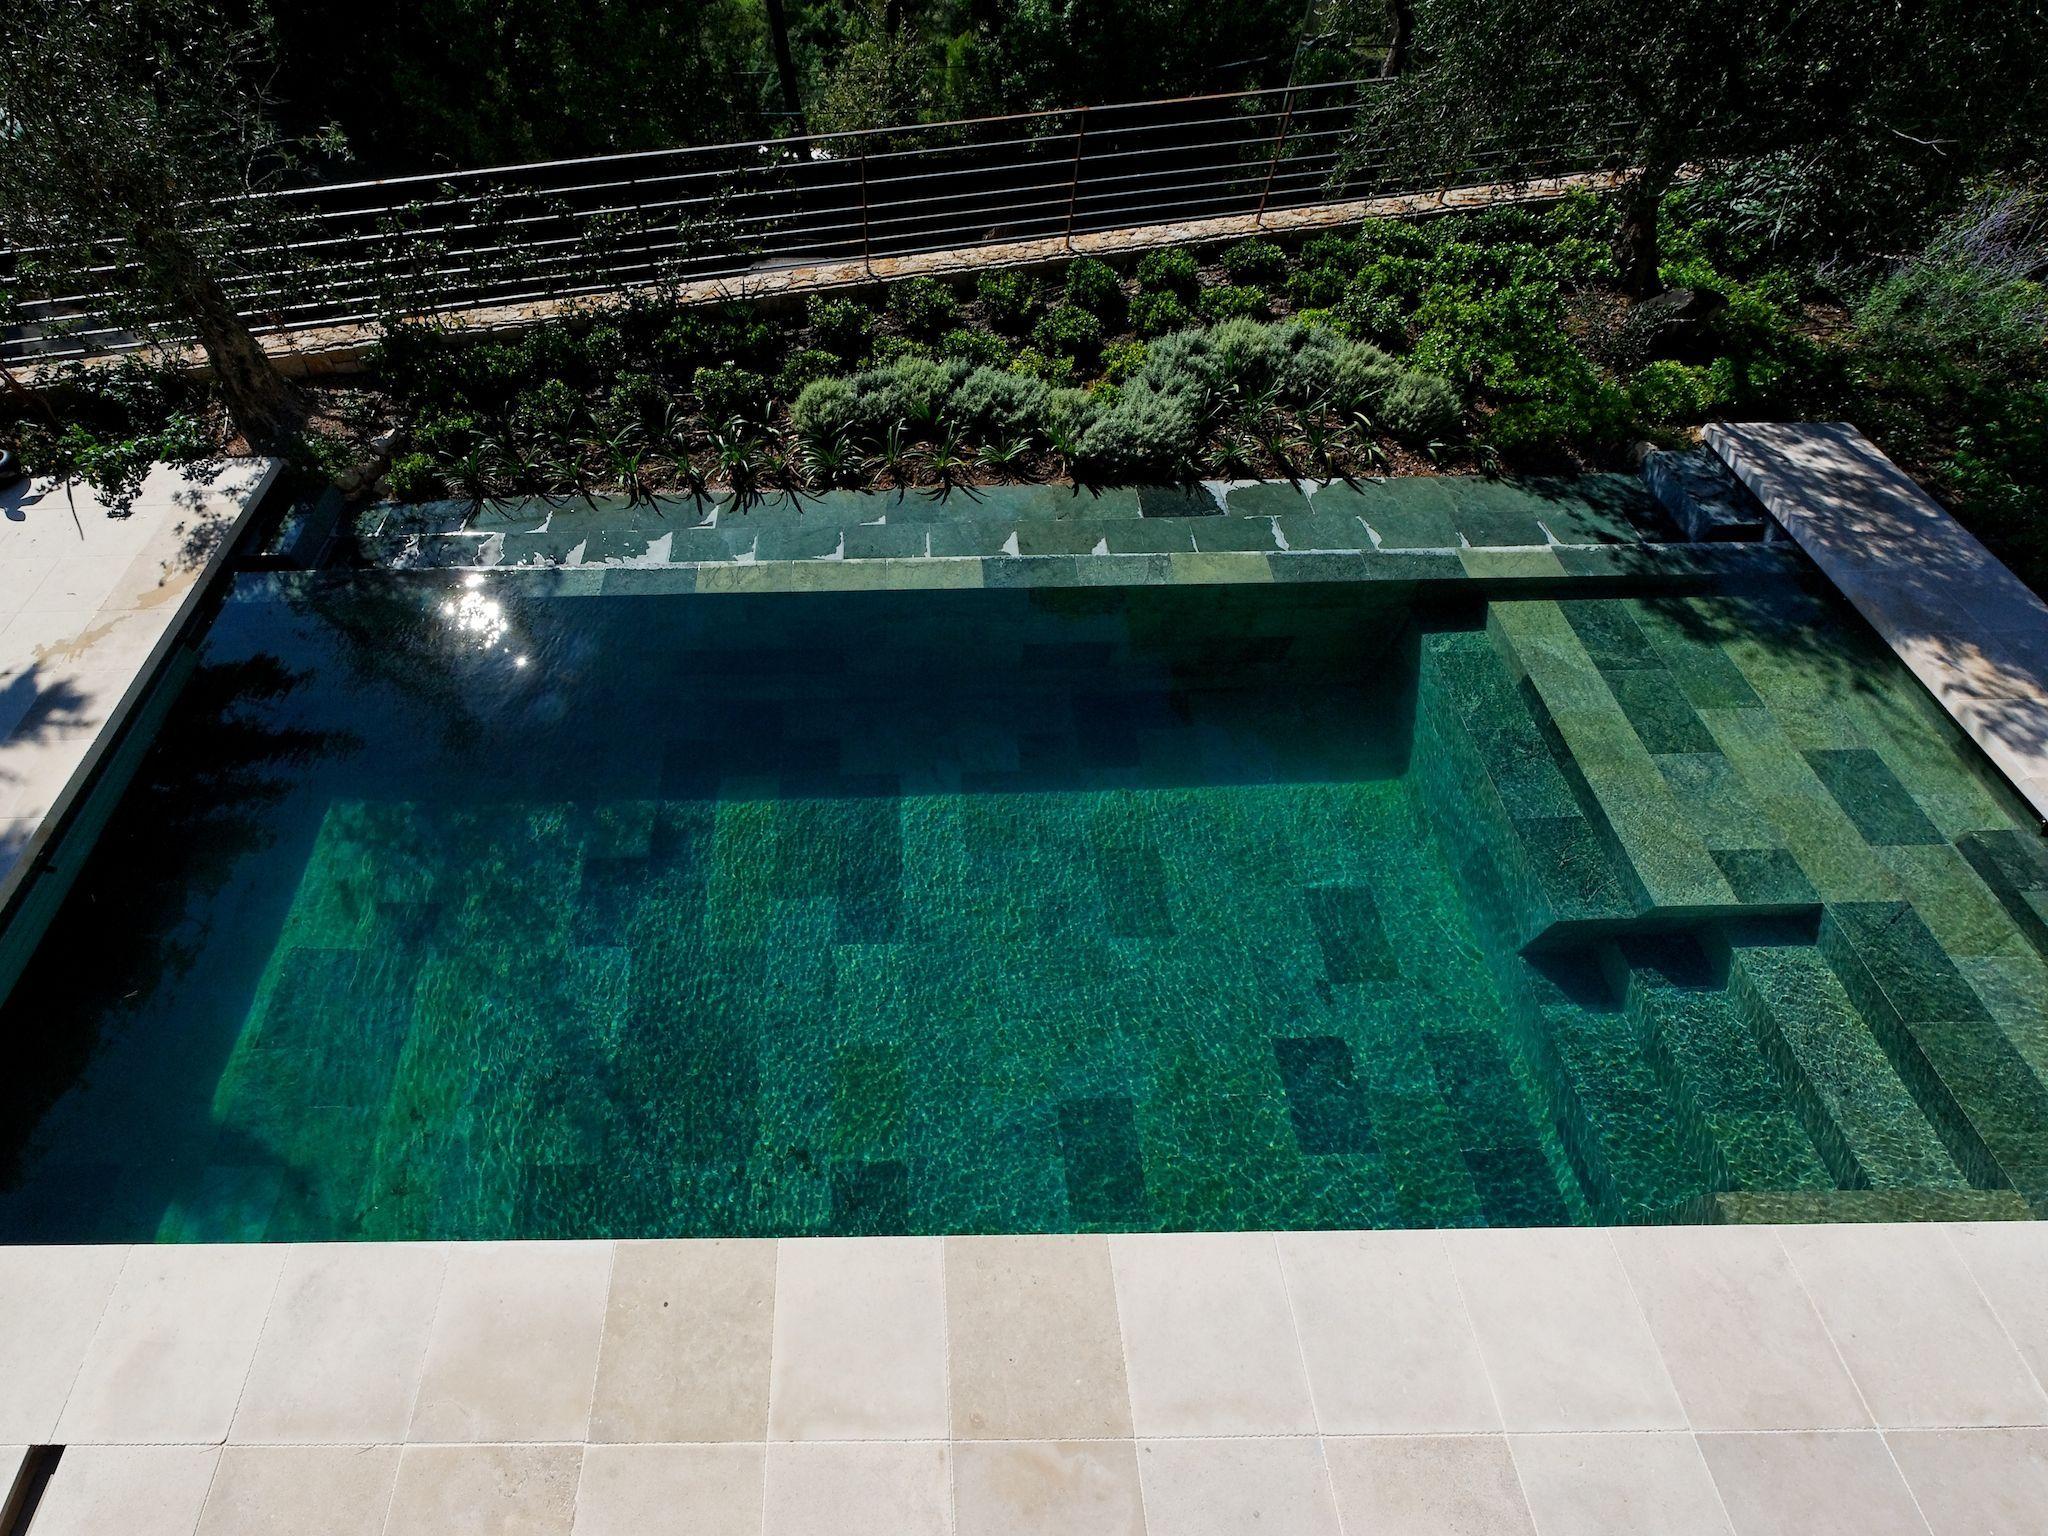 le d bordement par l 39 esprit piscine 8 x 3 5 m rev tement en marbre escalier droit sur la. Black Bedroom Furniture Sets. Home Design Ideas